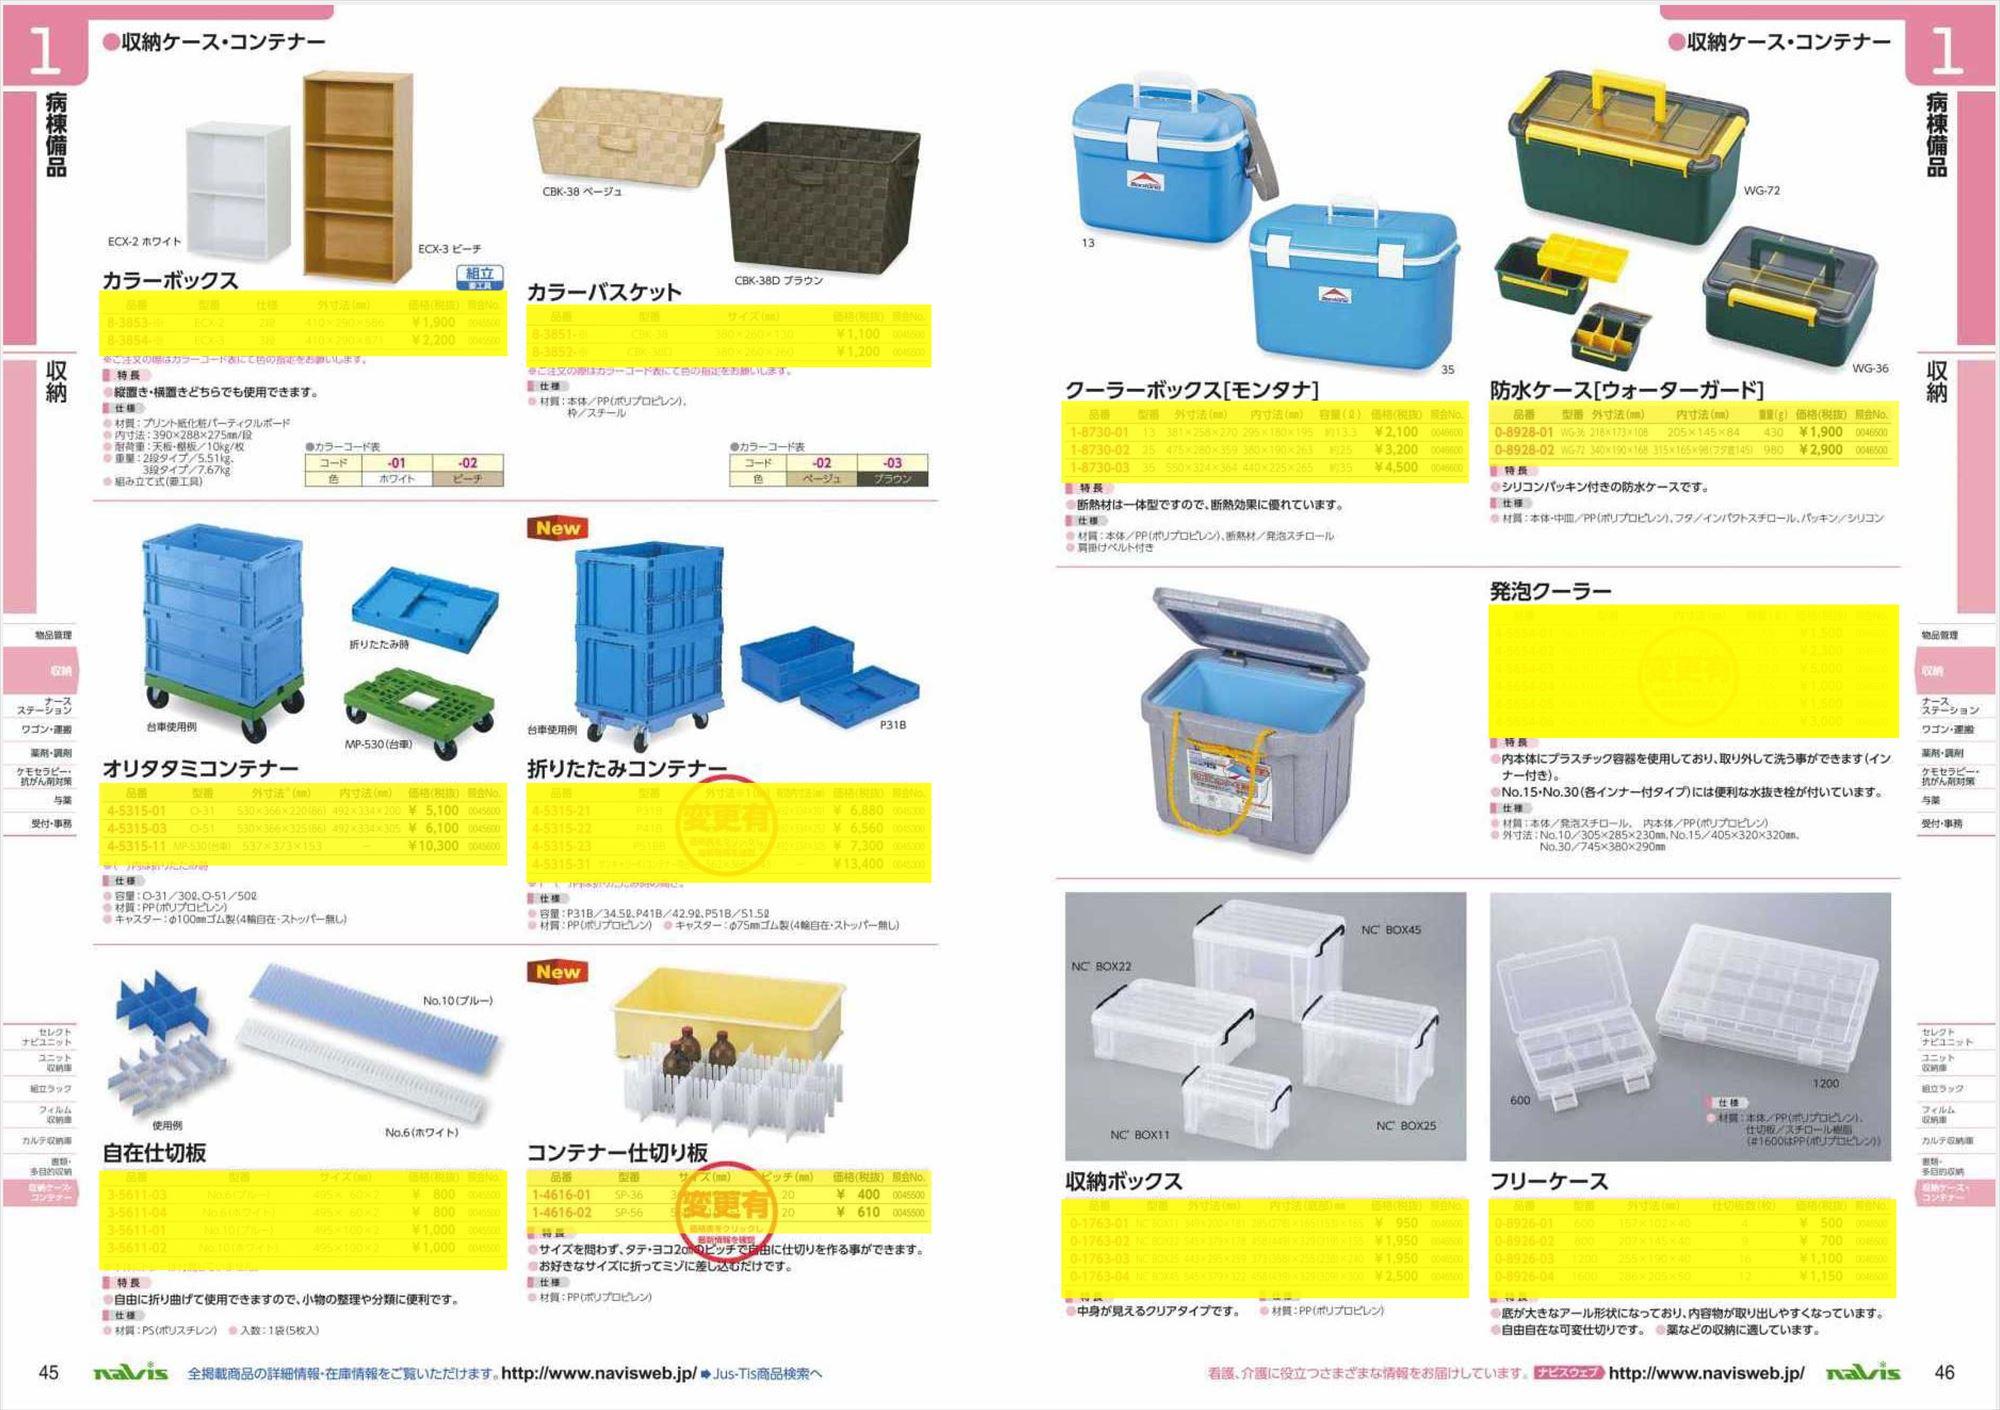 ナビス30000 8-3854-02 カラーボックス 3段 ビーチ 410×290×871mm カラ-ボックスECX-3BE NJ067421 [個]